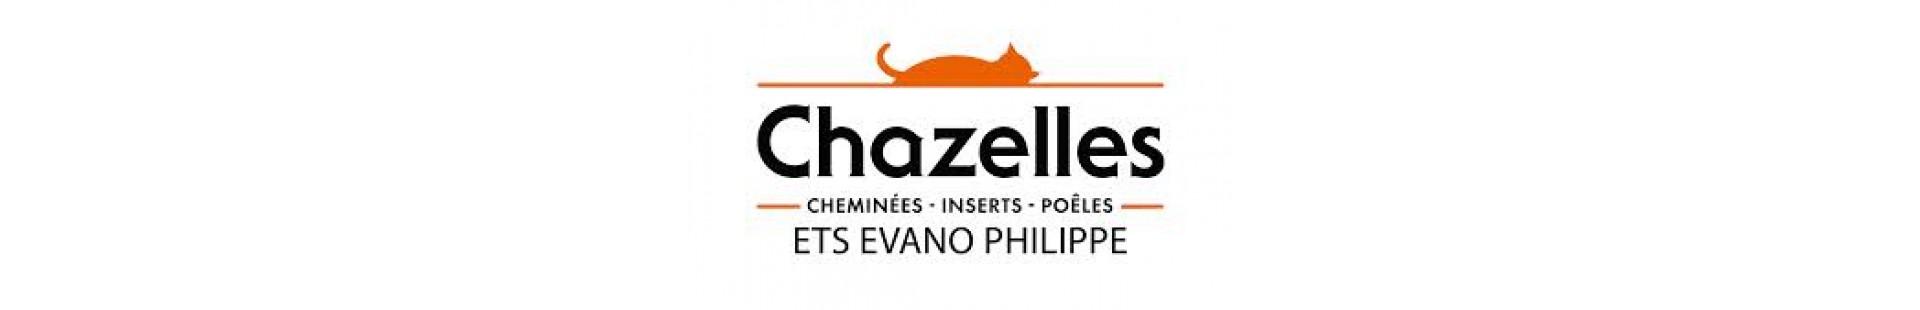 Каміни Chazelles (Франція)